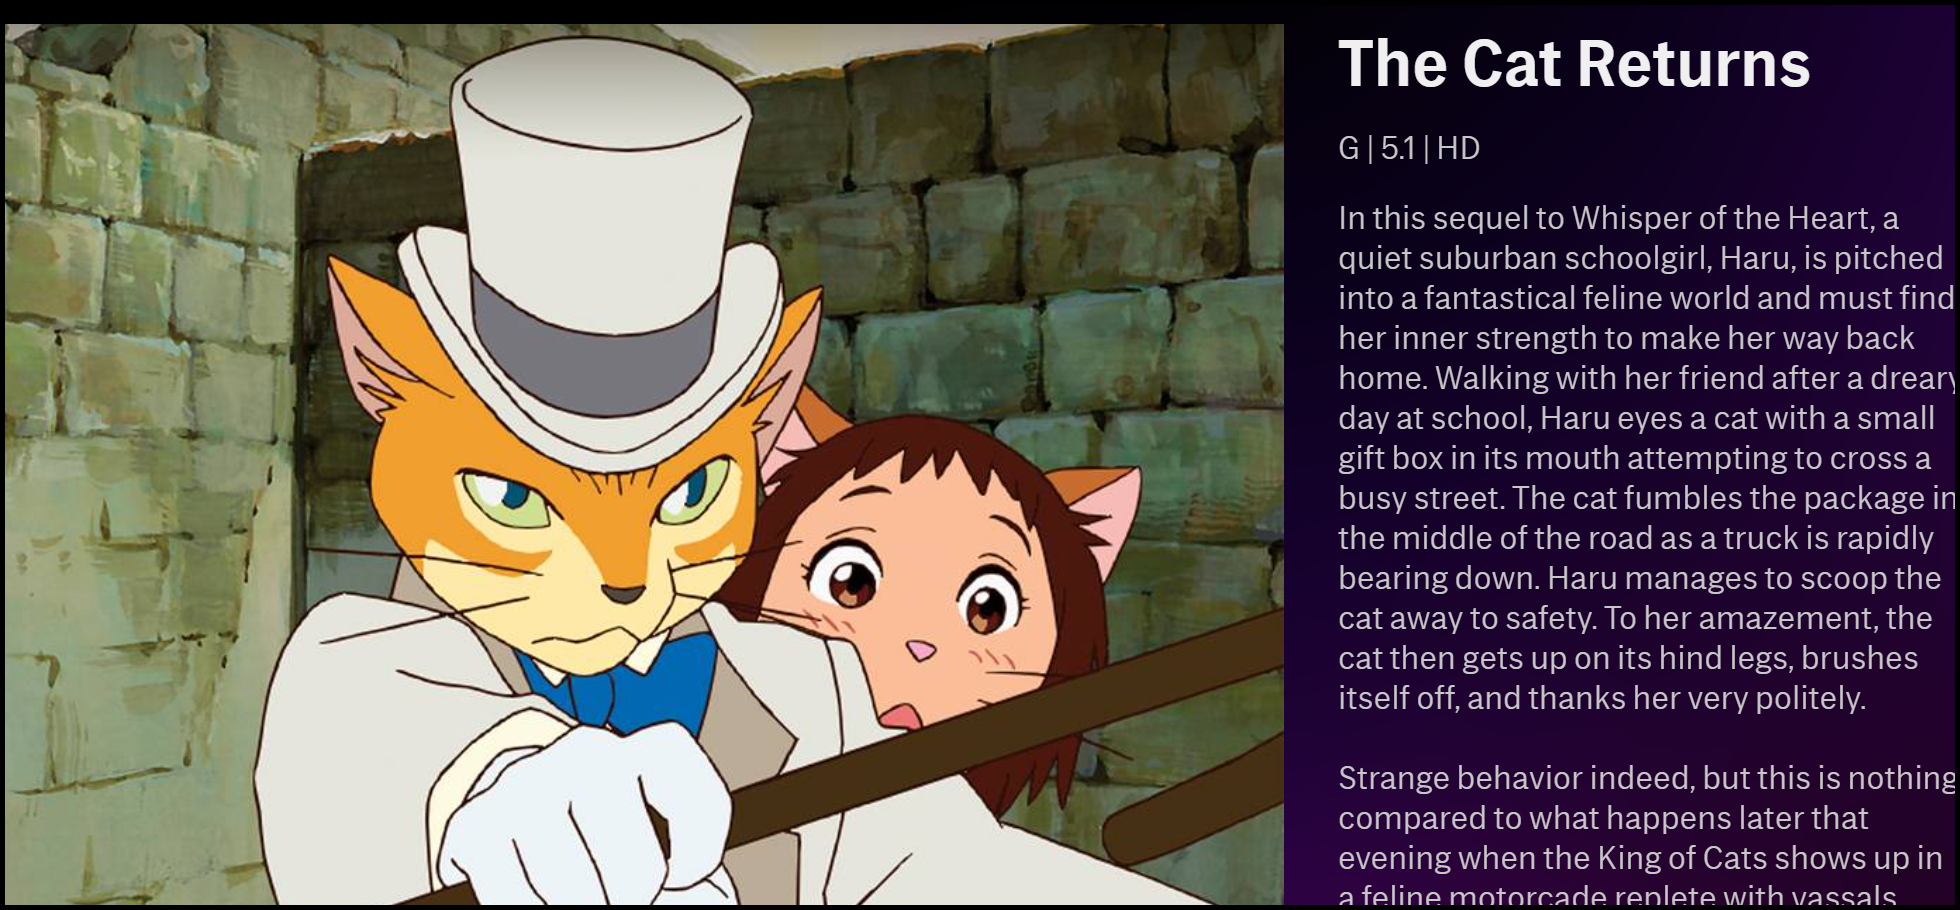 """La description de """"The Cat Returns"""" sur HBO Max."""